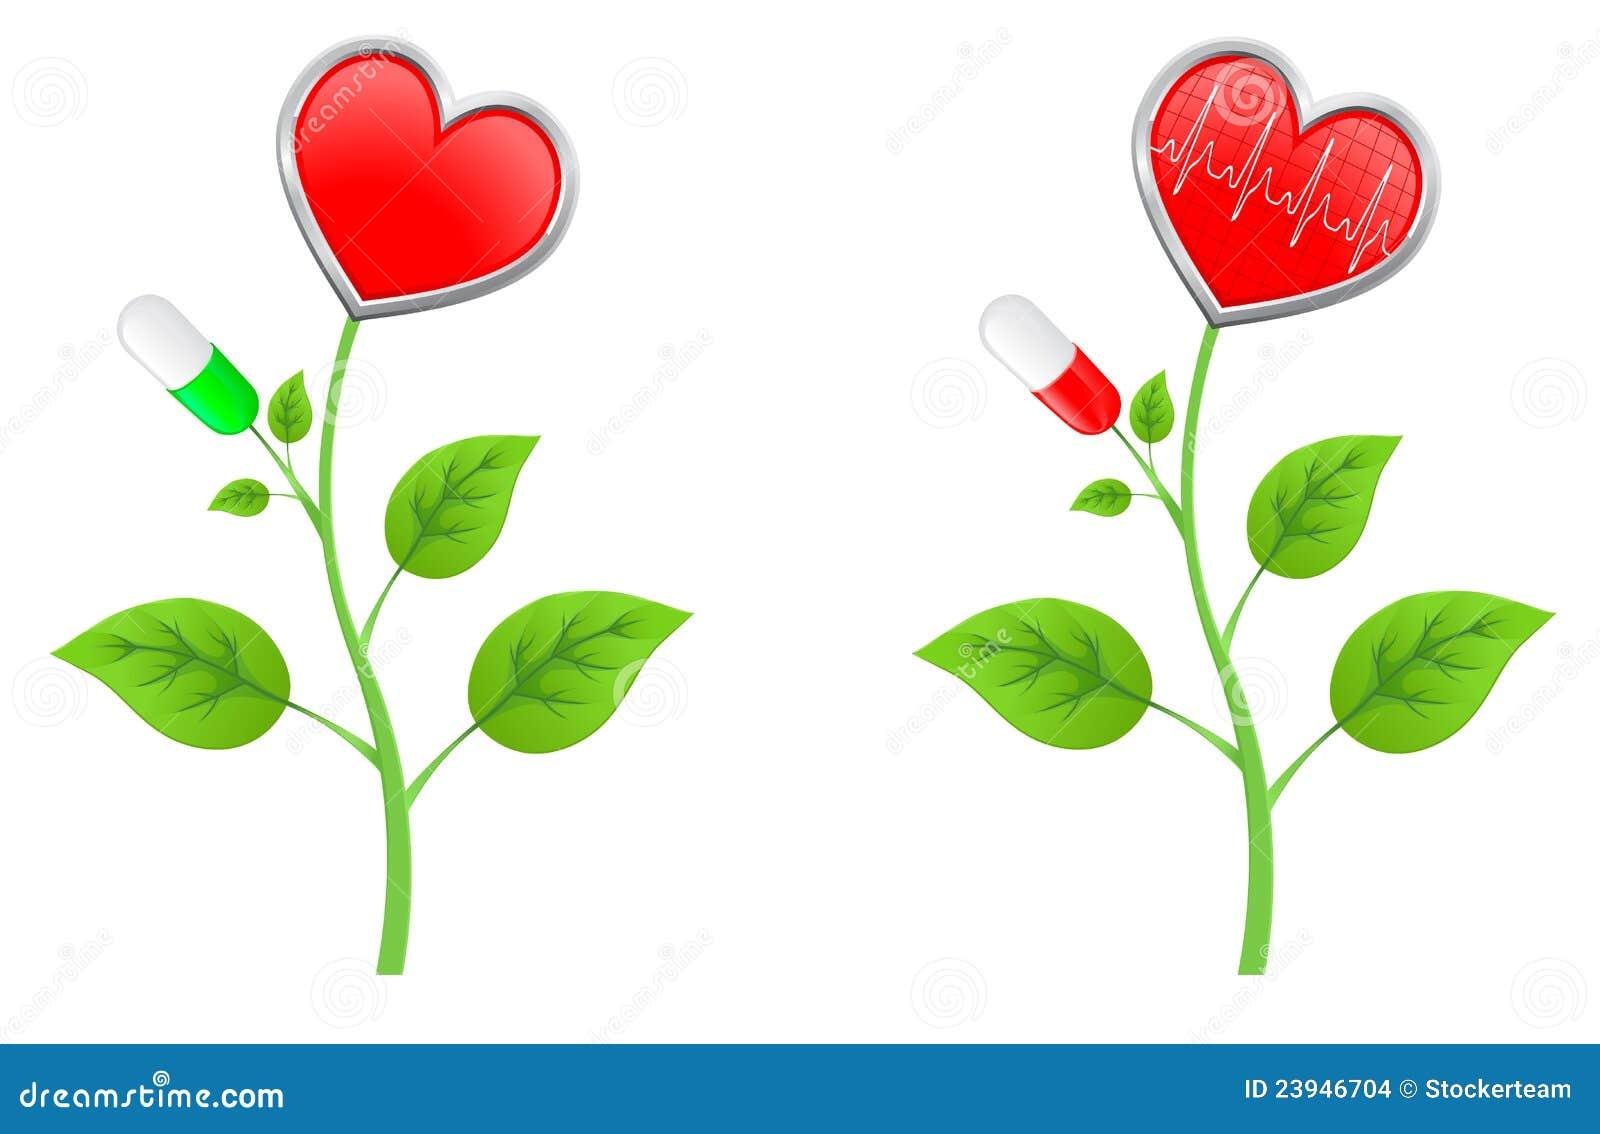 η πράσινη καρδιά αφήνει τον κόκκινο μίσχο